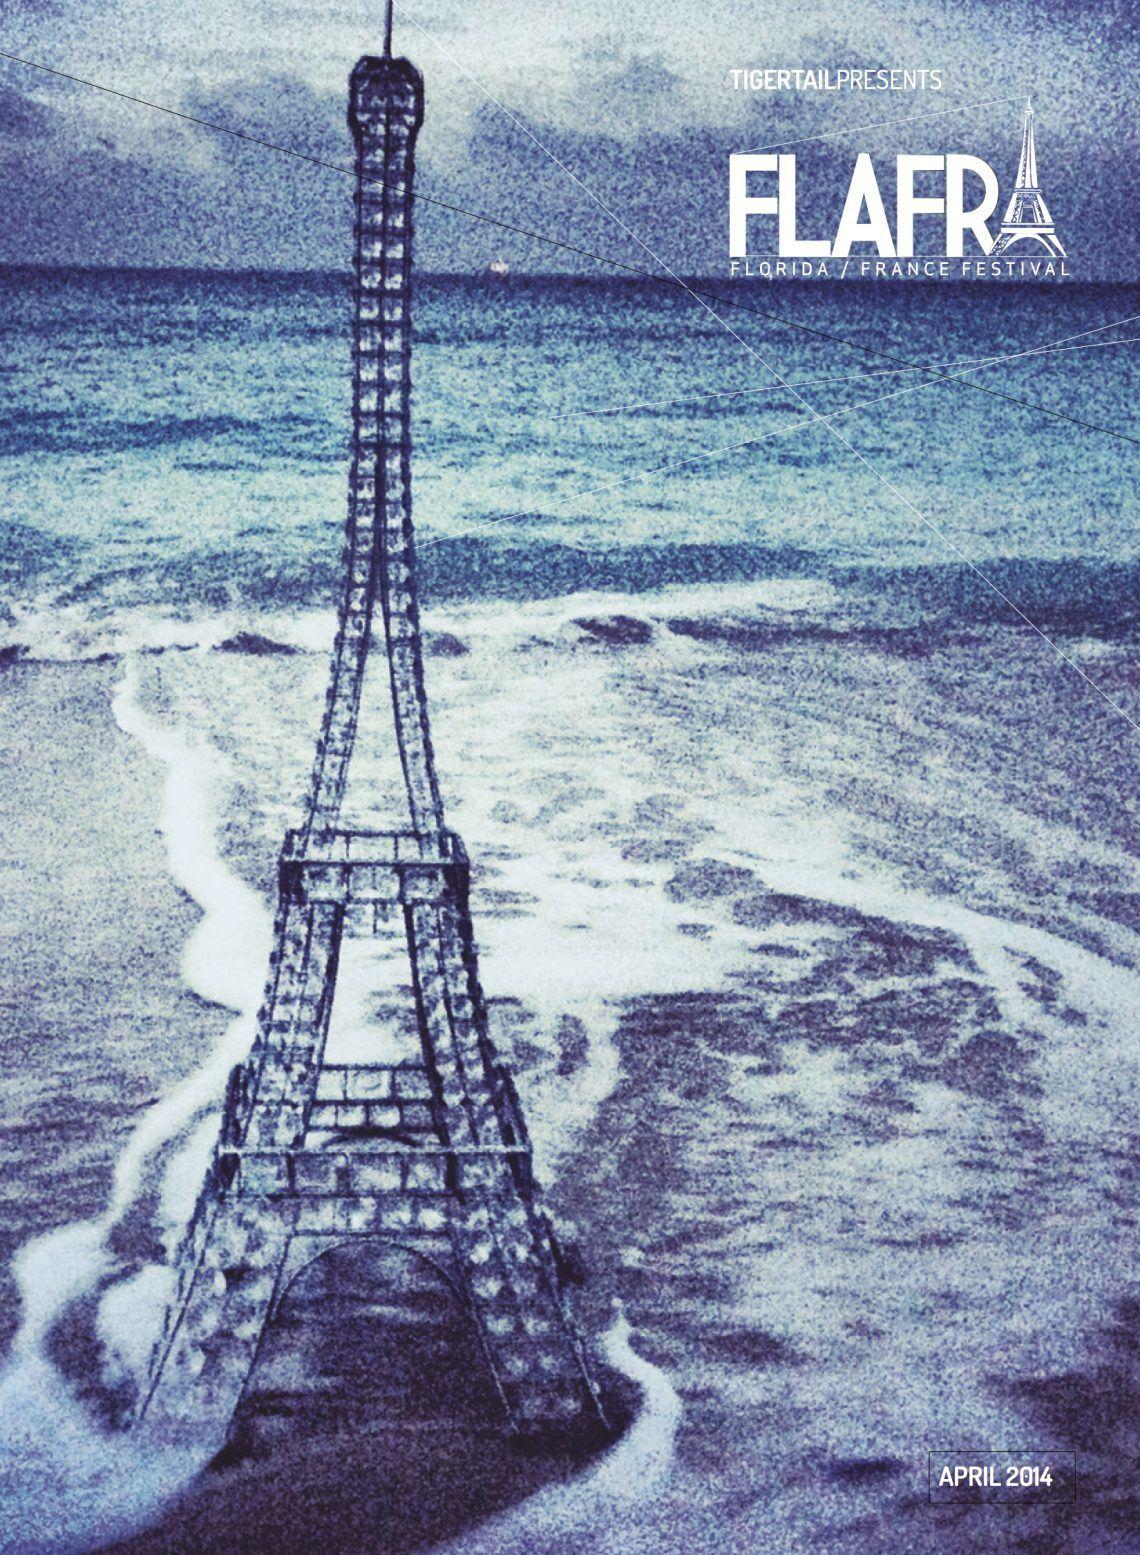 FLAFRA